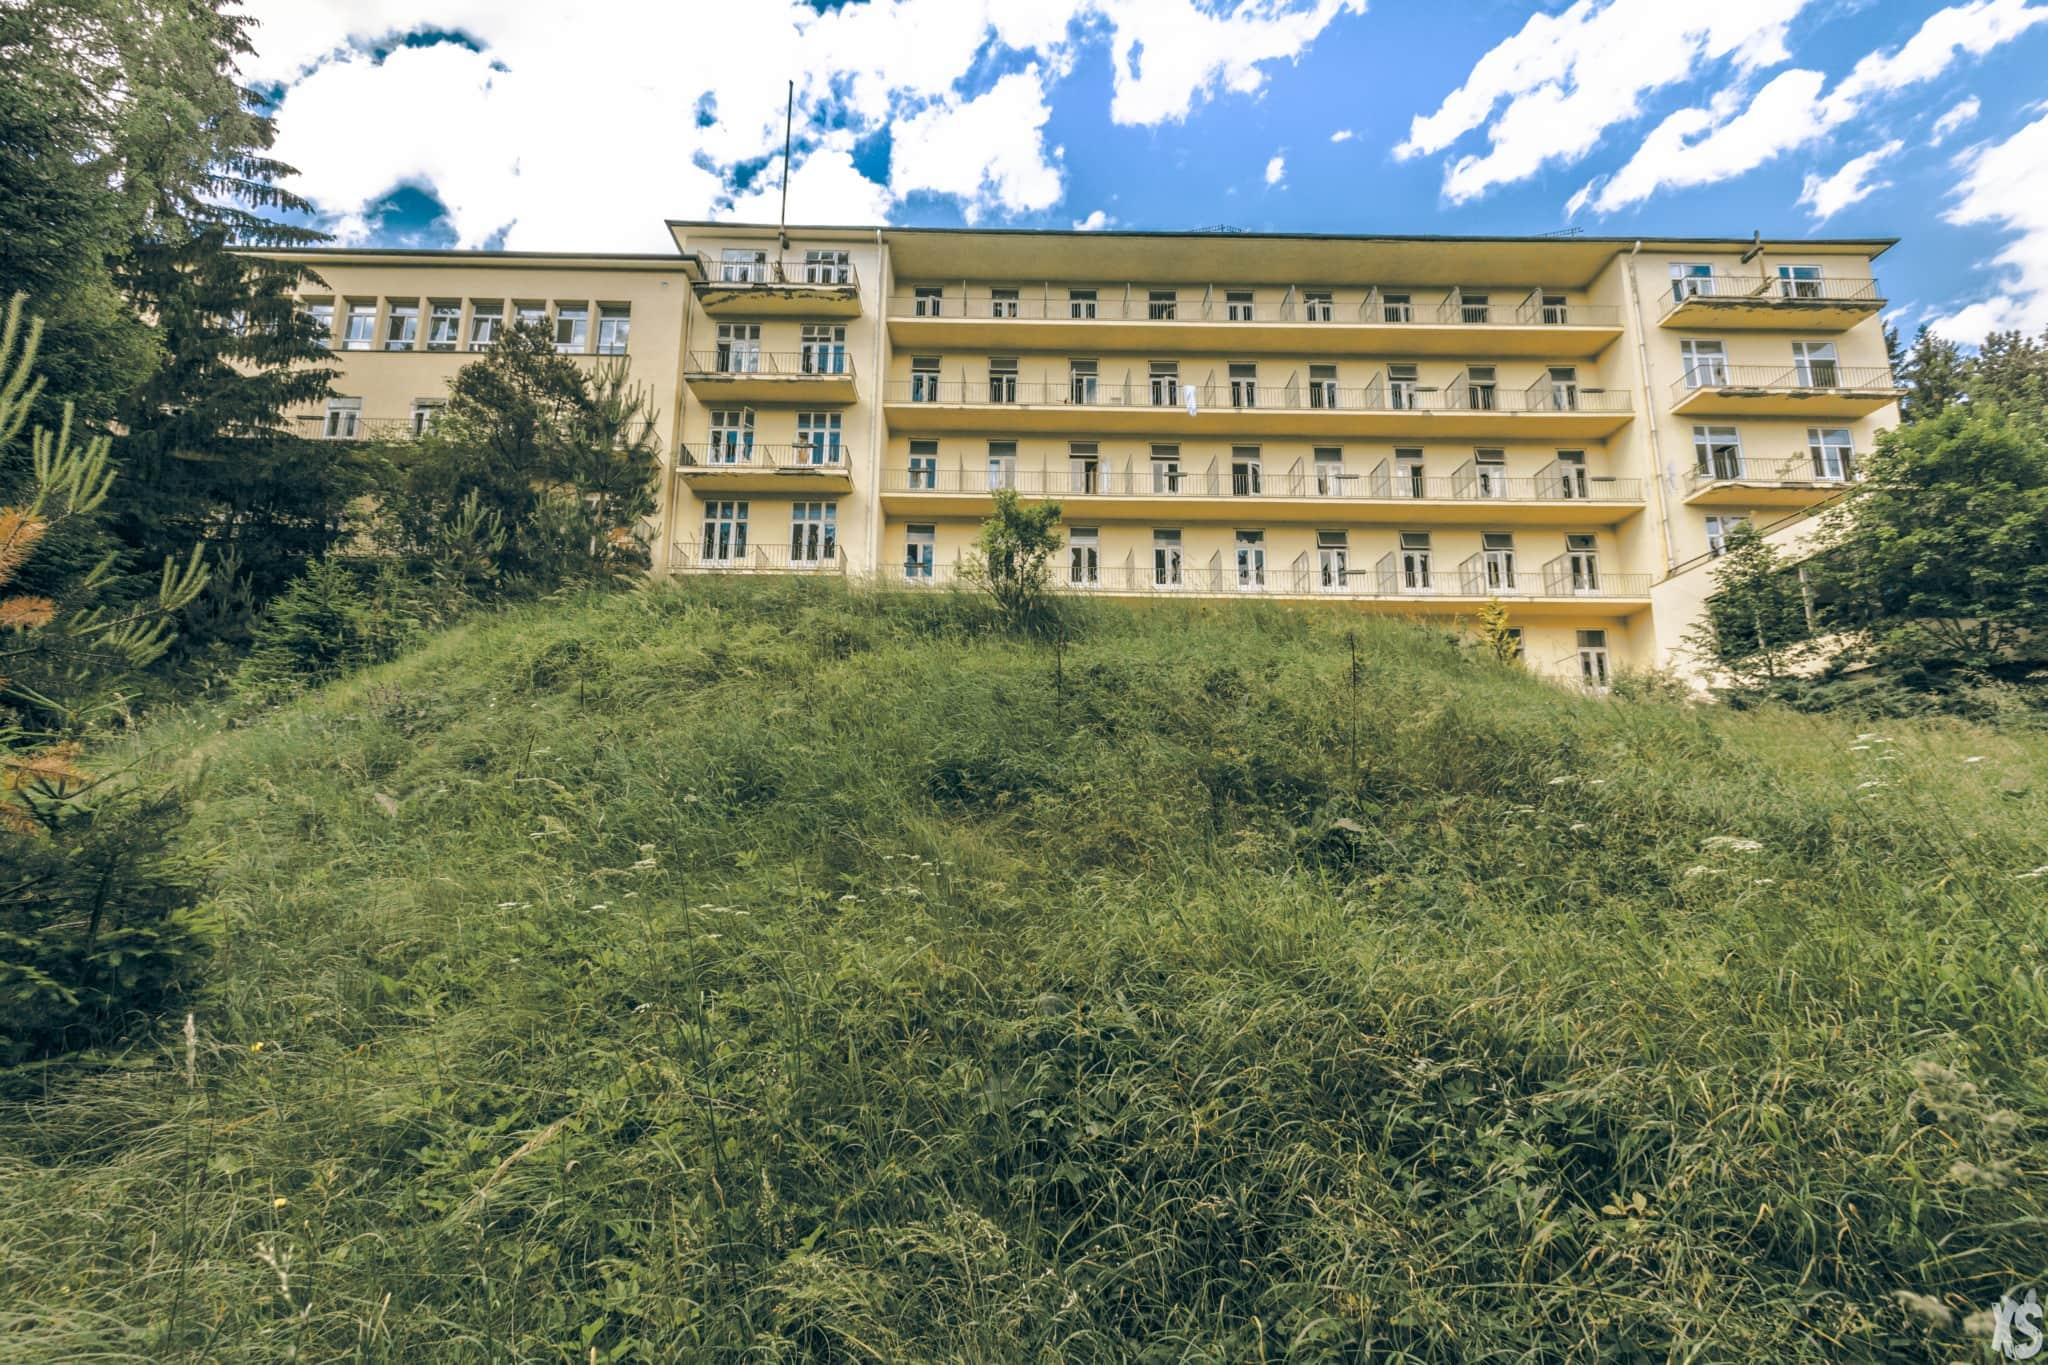 sanatorium-wienerwald-1